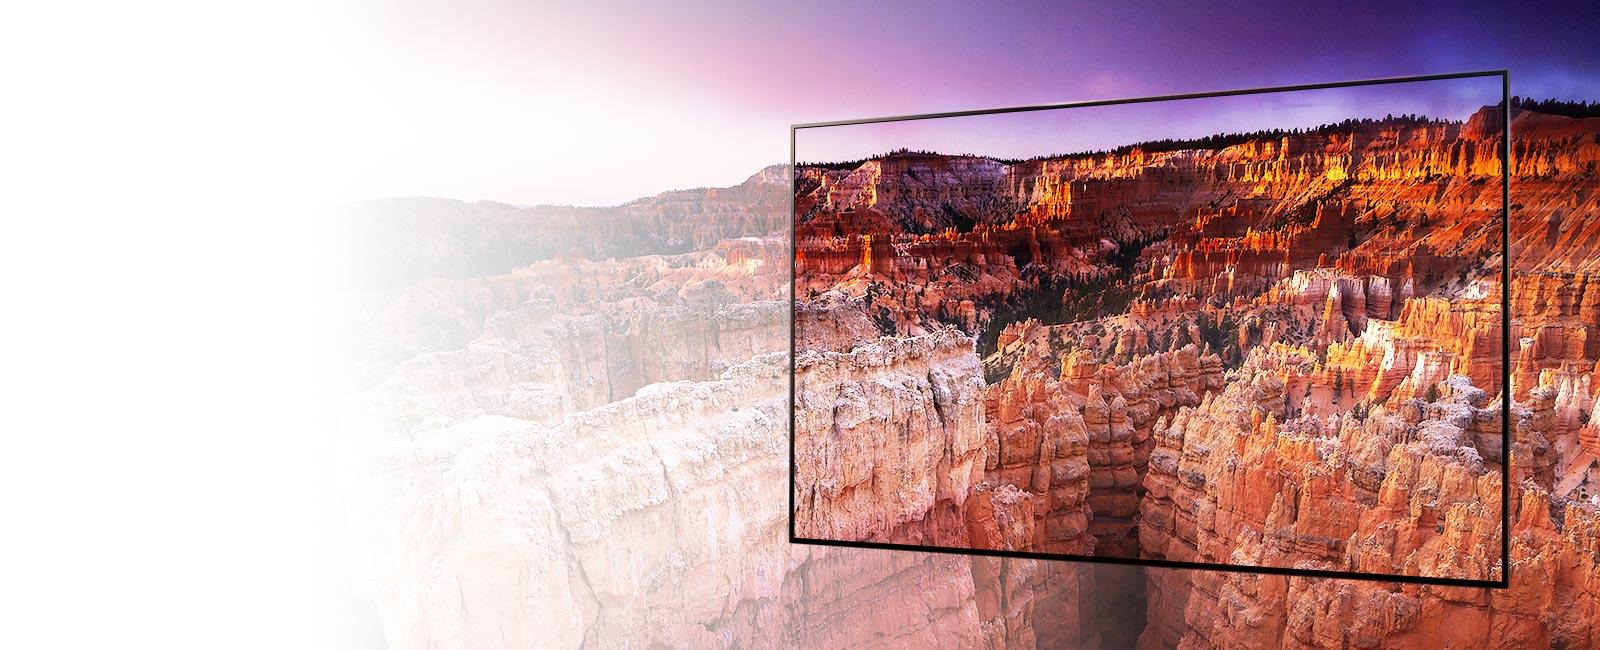 Tìm hiểu thêm về đô tin cậy của LG OLED1